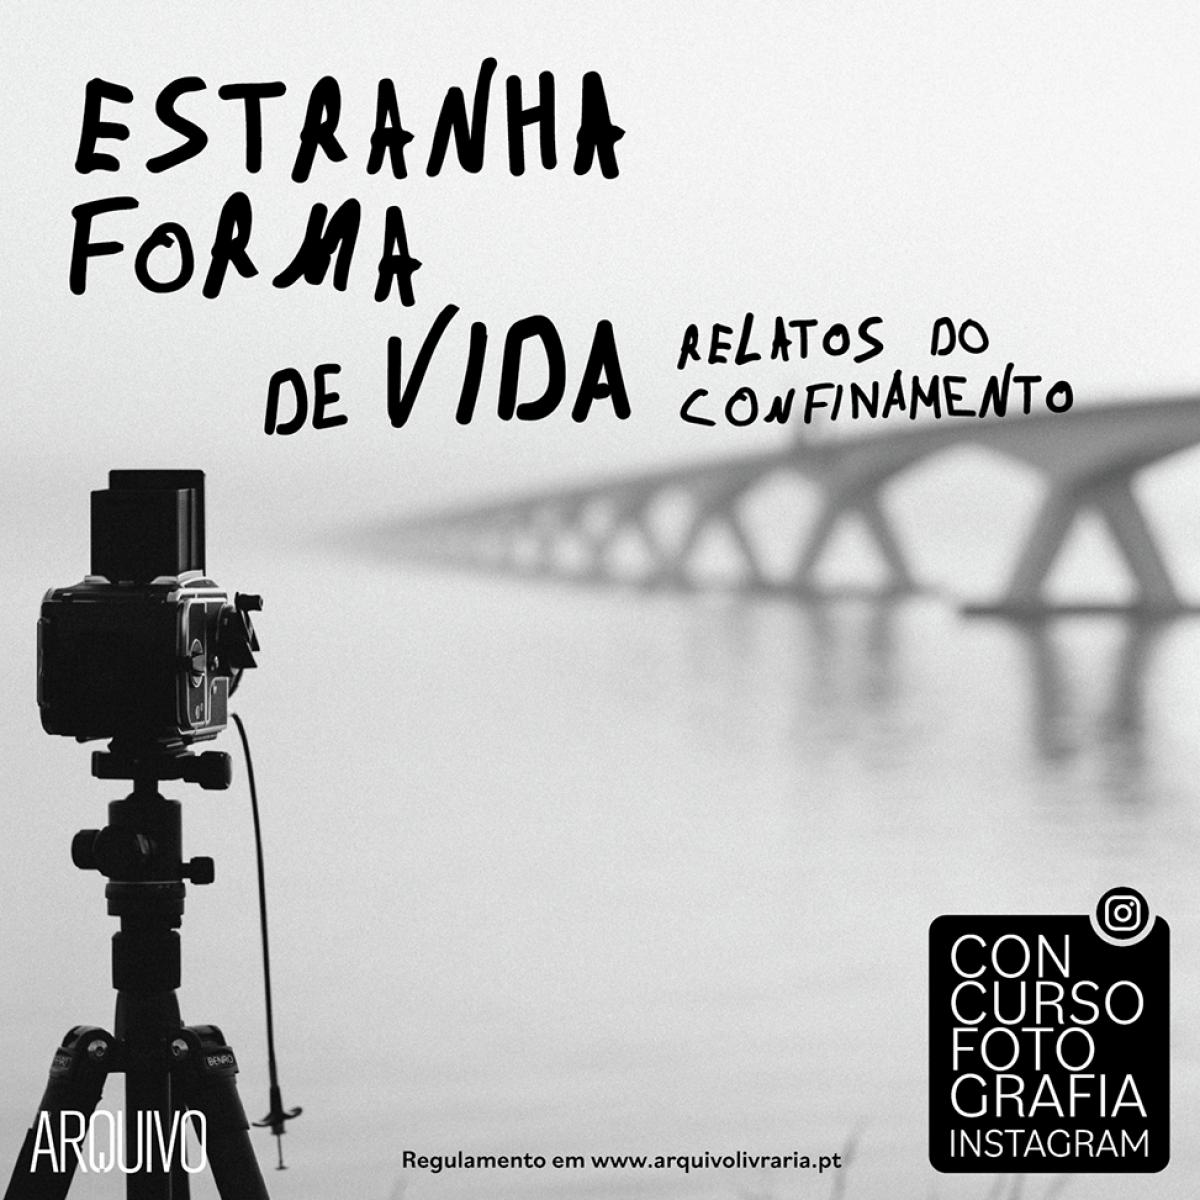 Arquivo lança concurso de fotografia